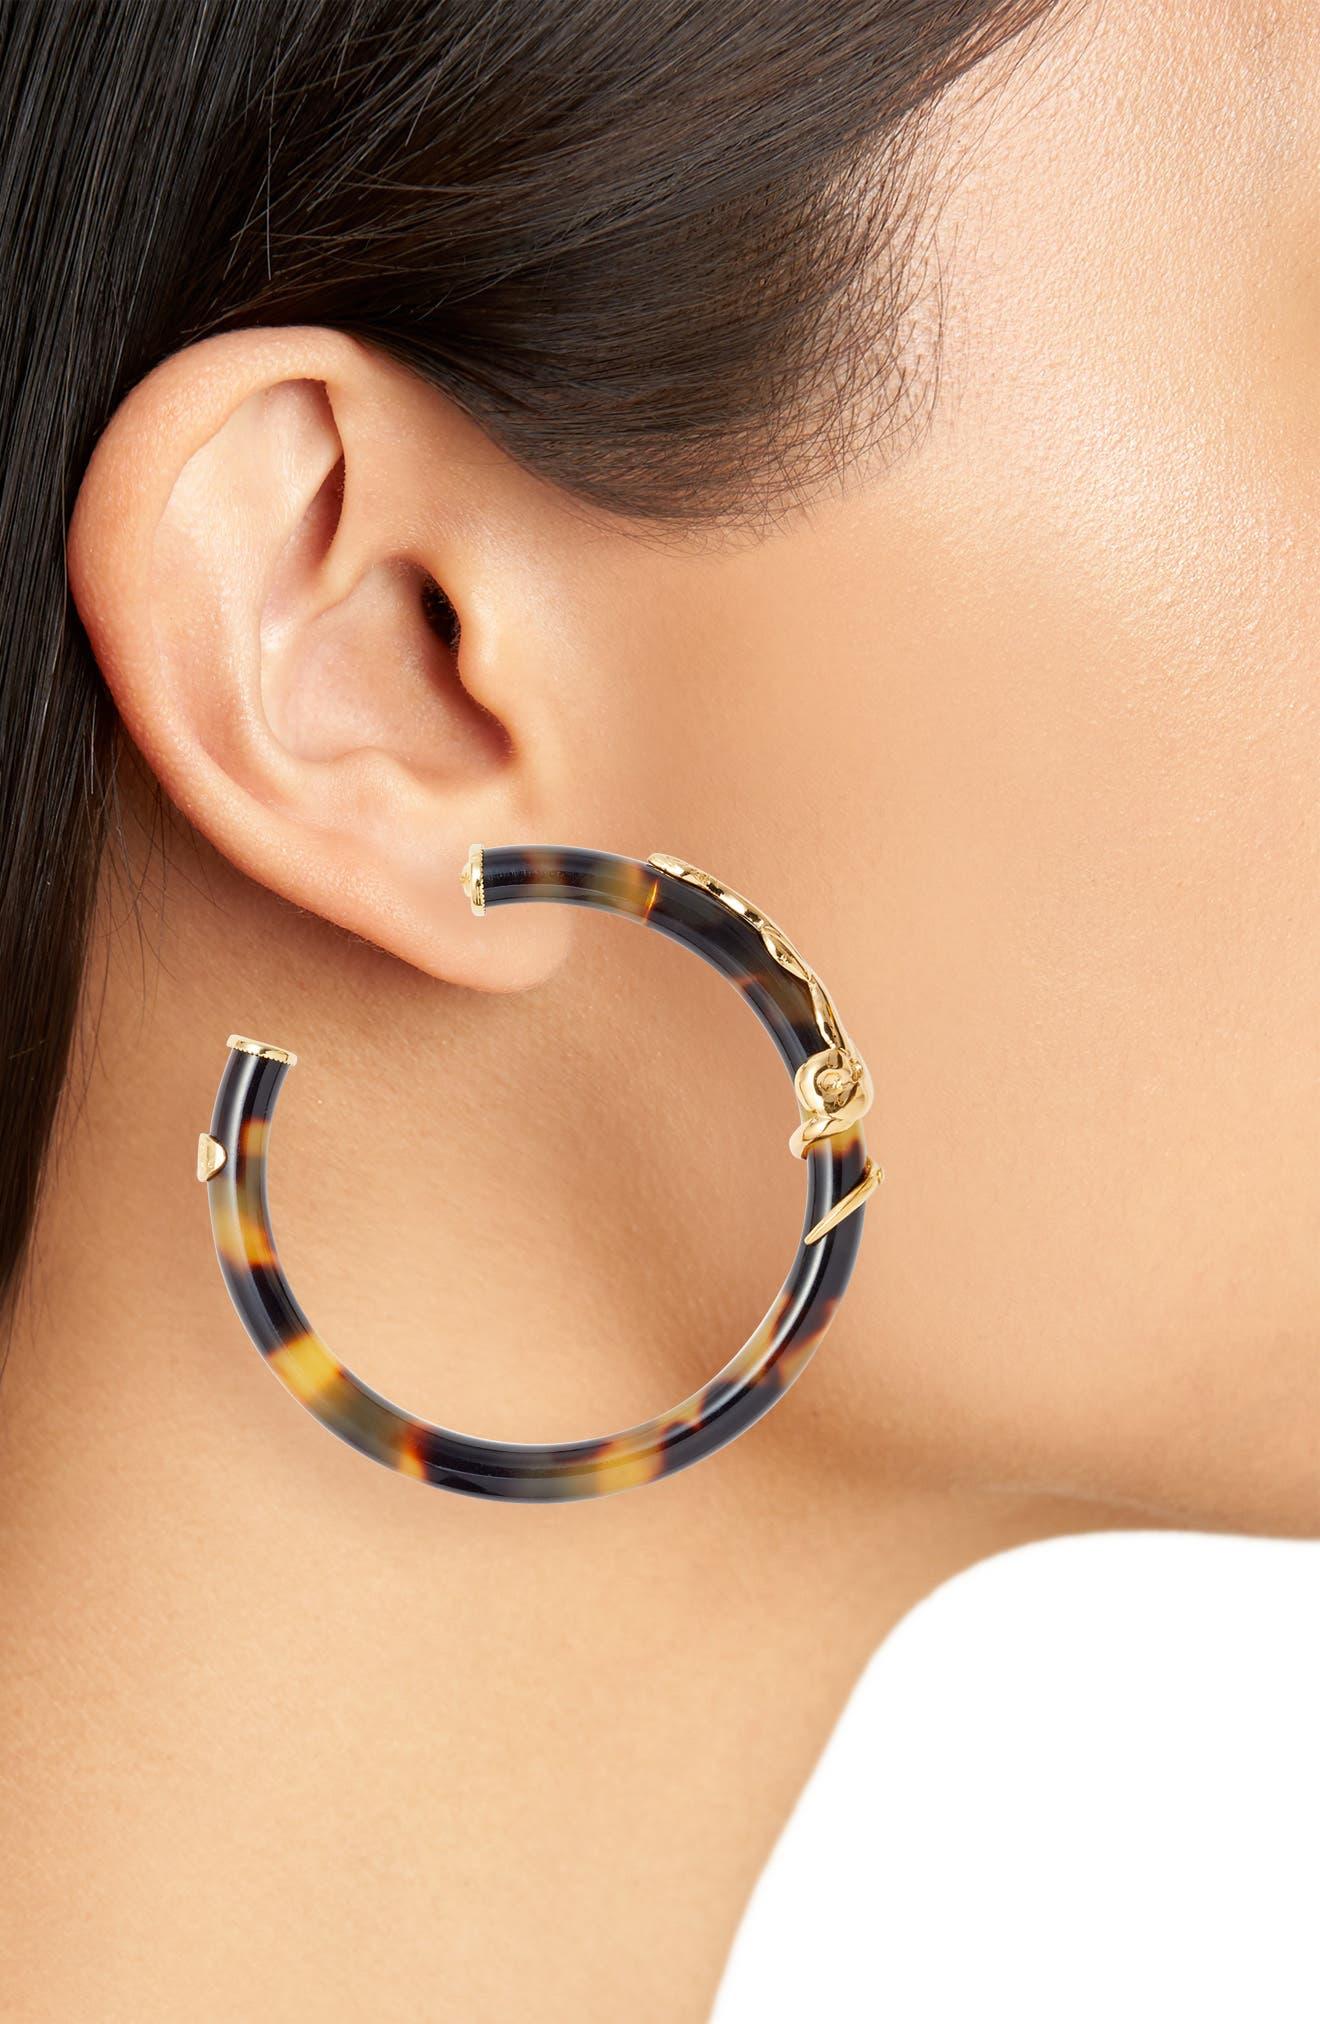 Cobra Hoop Earrings,                             Alternate thumbnail 2, color,                             210